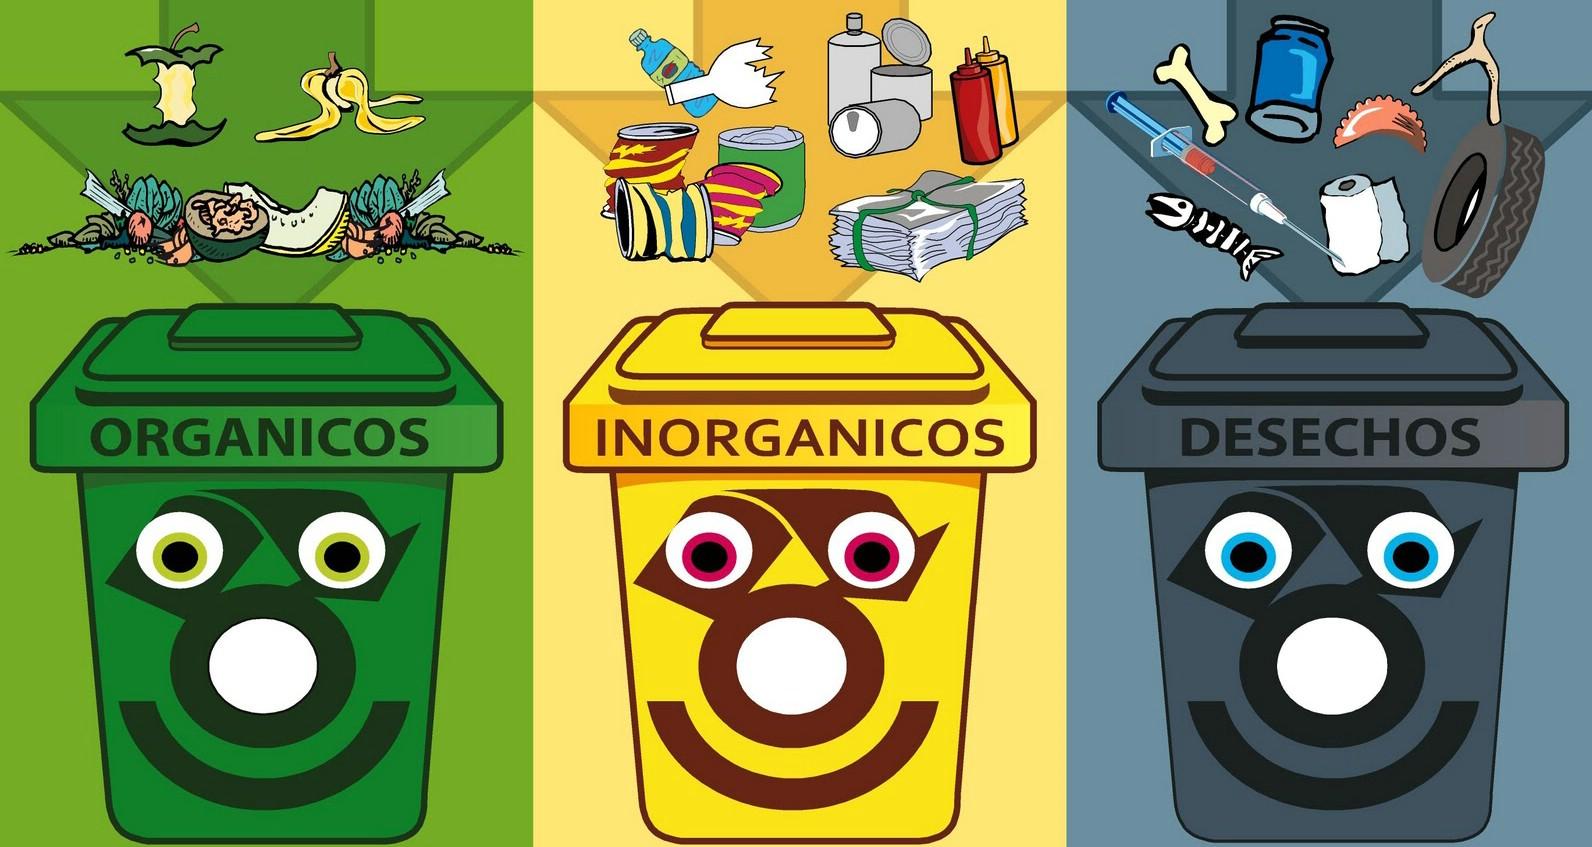 Imagenes Para Cuidar El Medio Ambiente